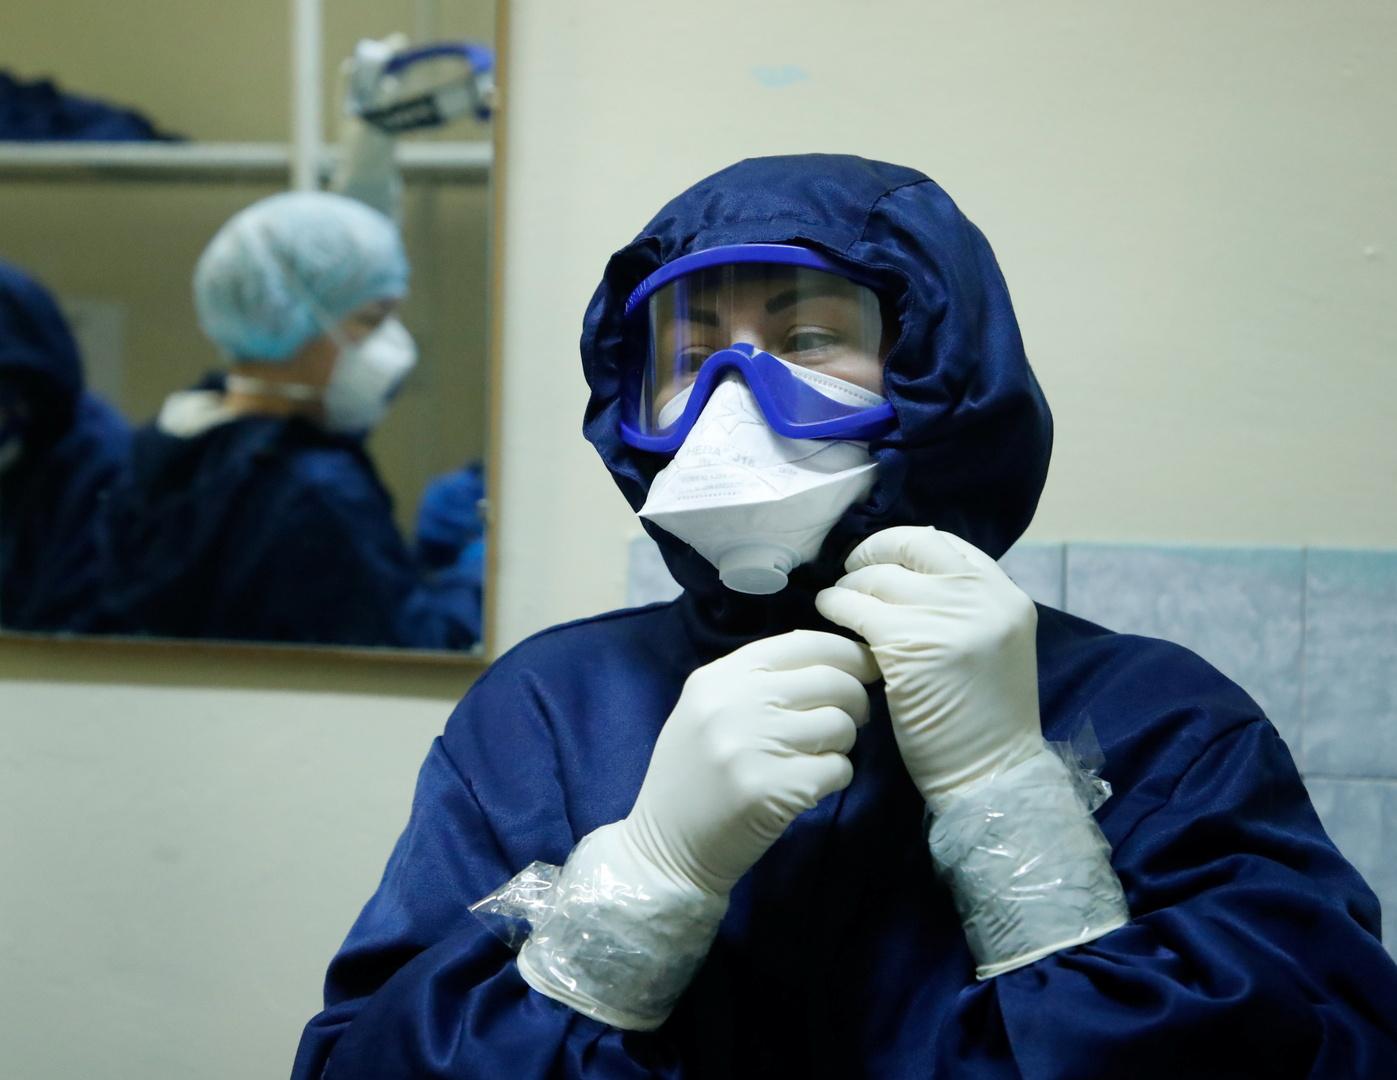 الإصابات الجديدة بكورونا في روسيا تحت مستوى 8 آلاف لليوم الثاني